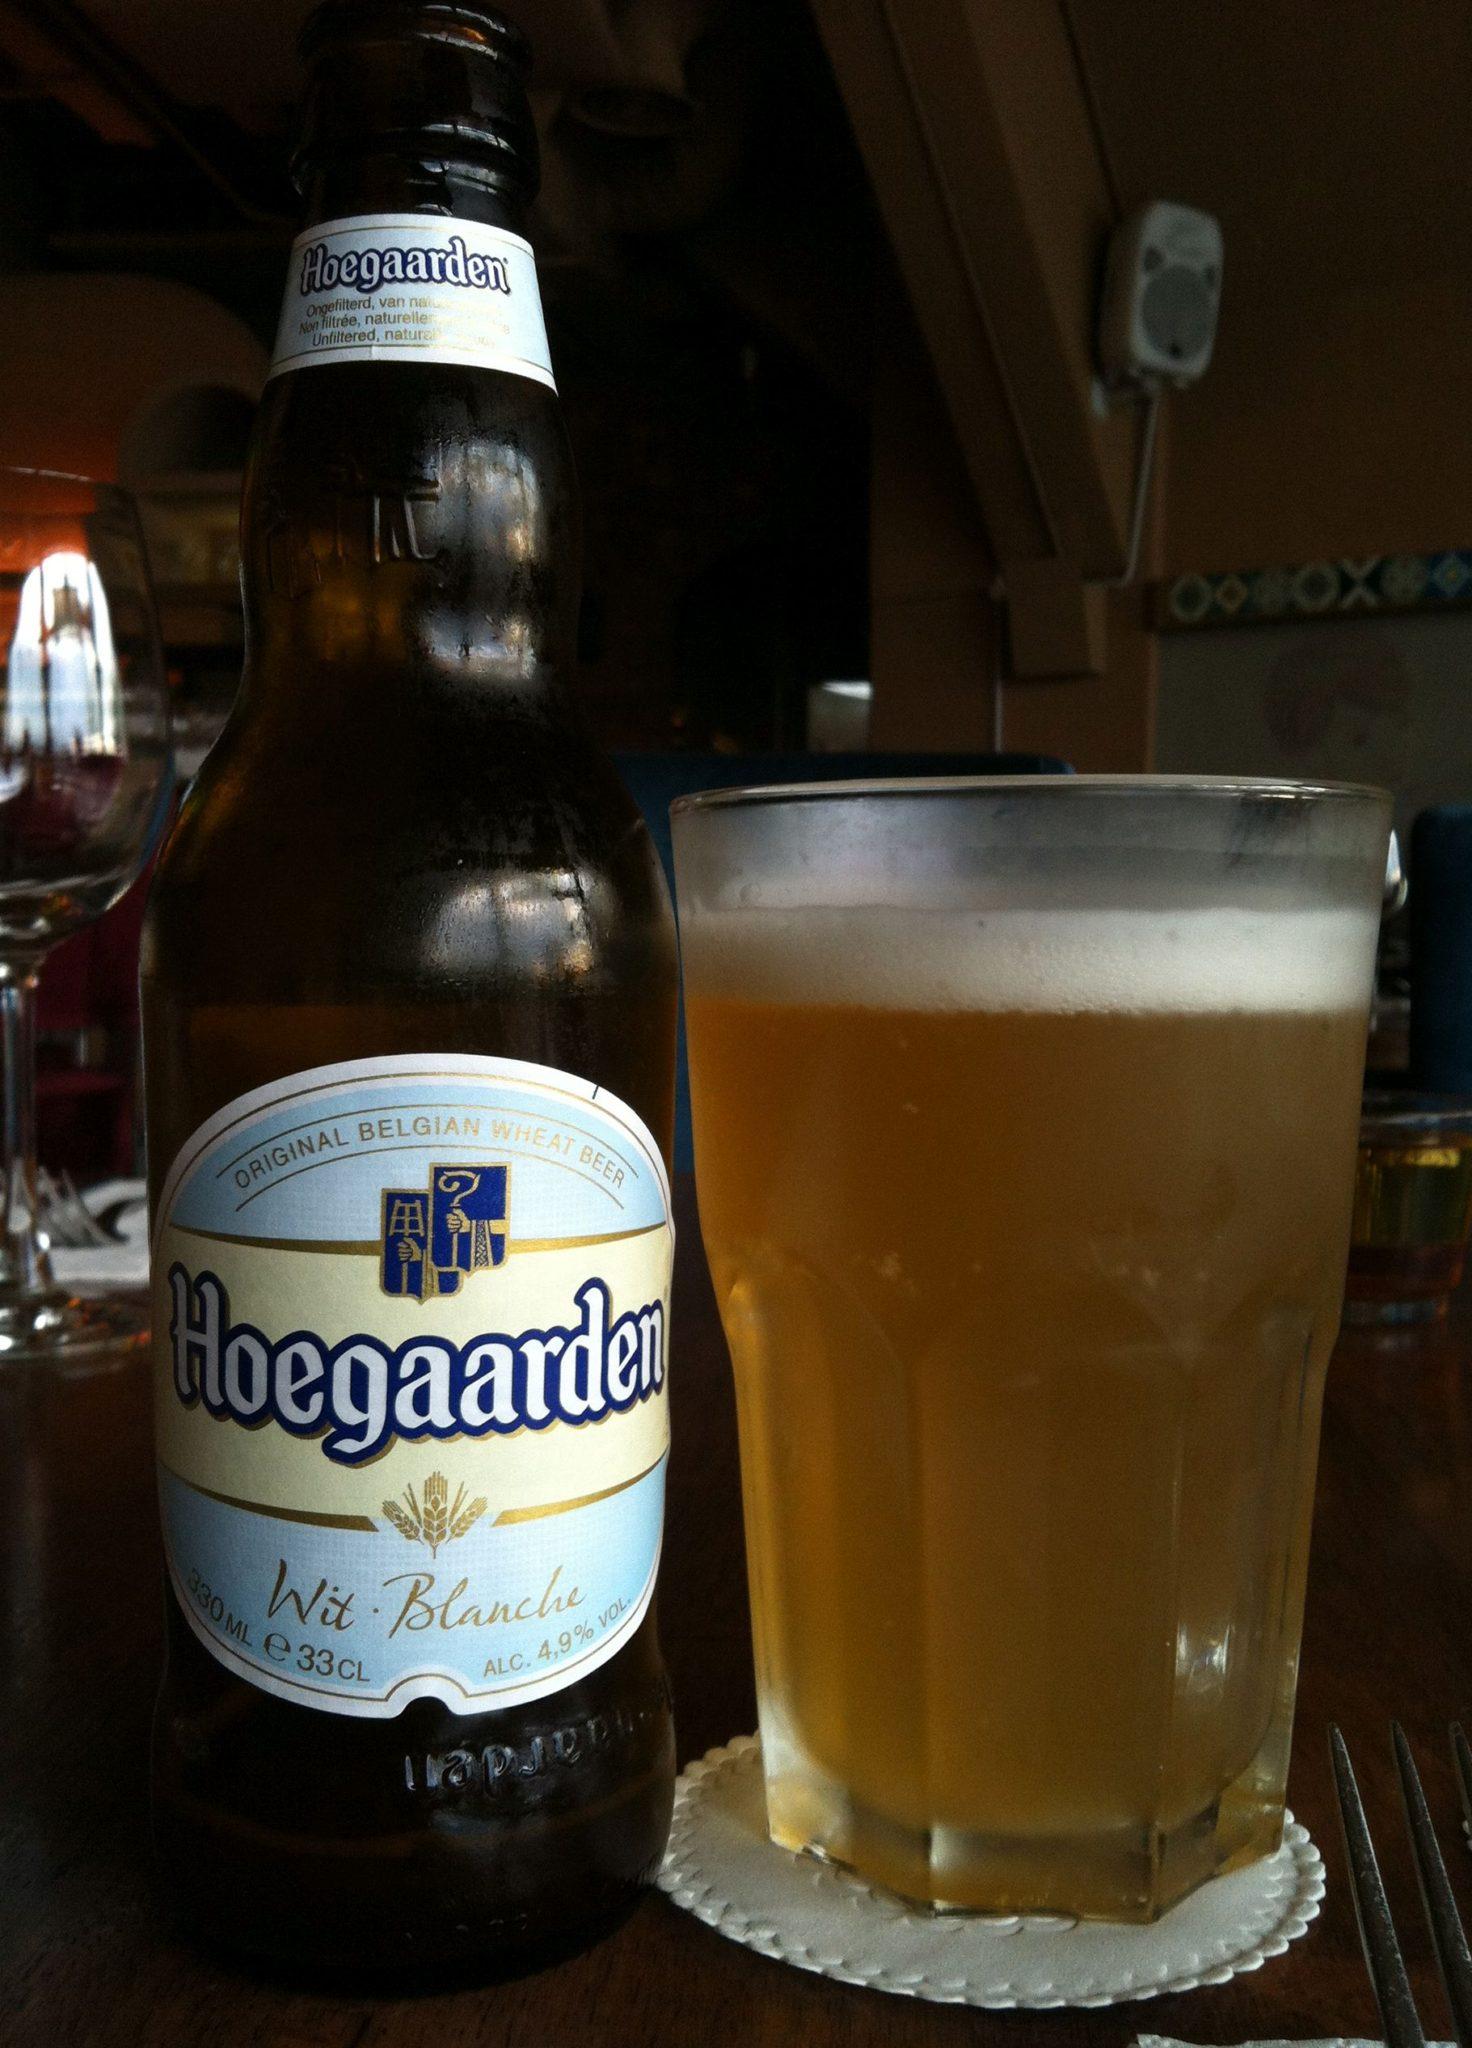 Bière blanche Hoegaarden